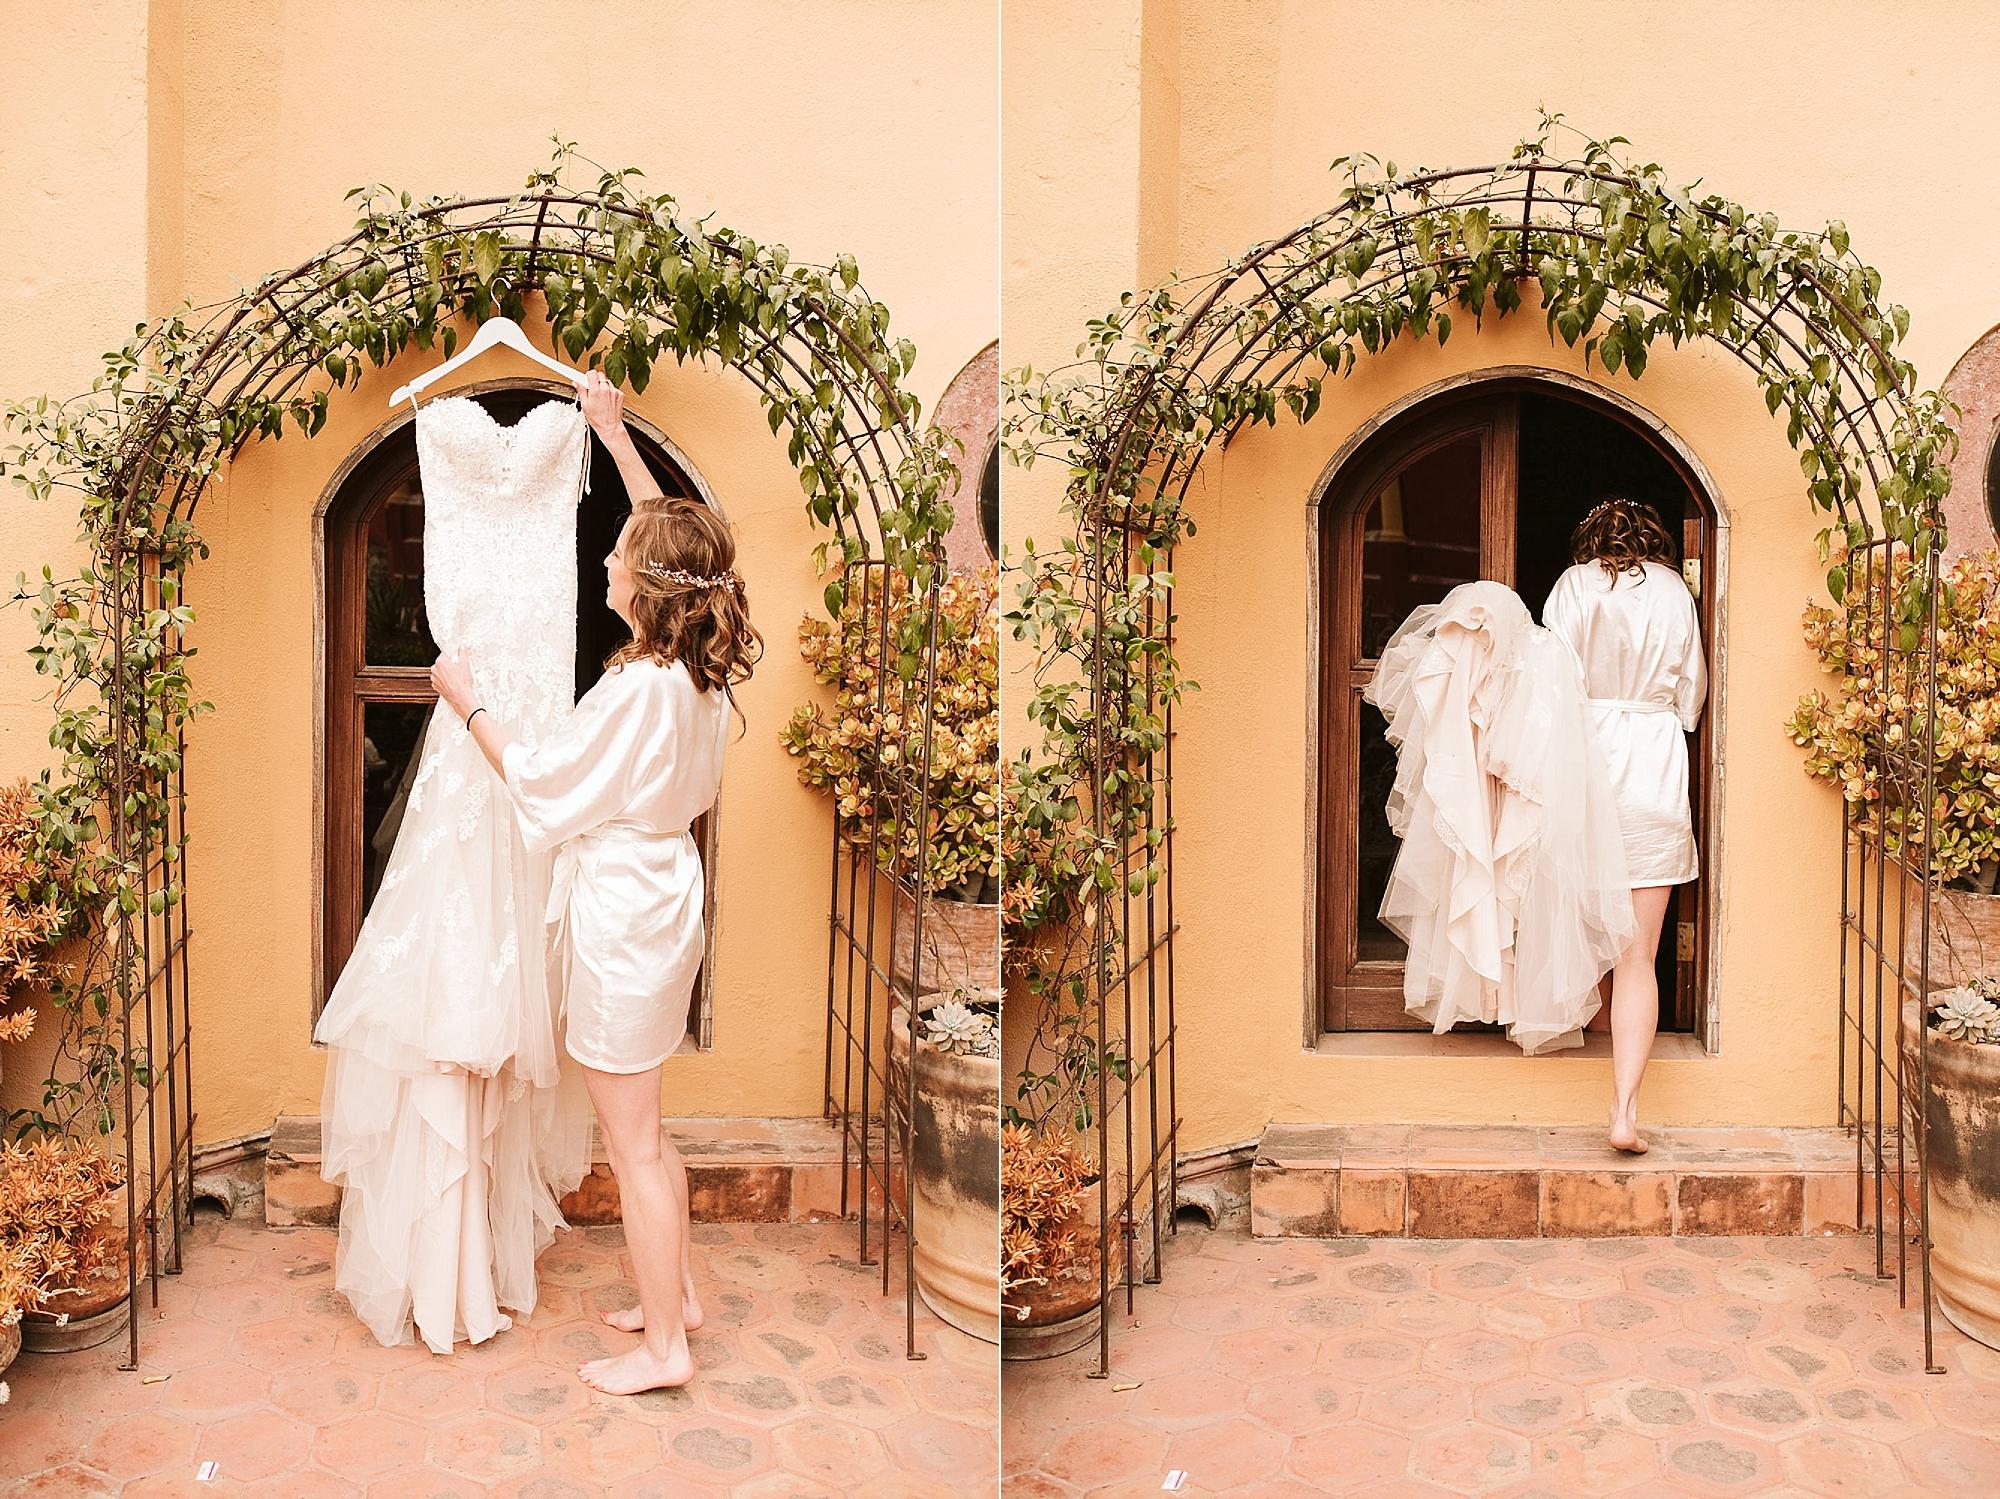 casa chorro wedding dress